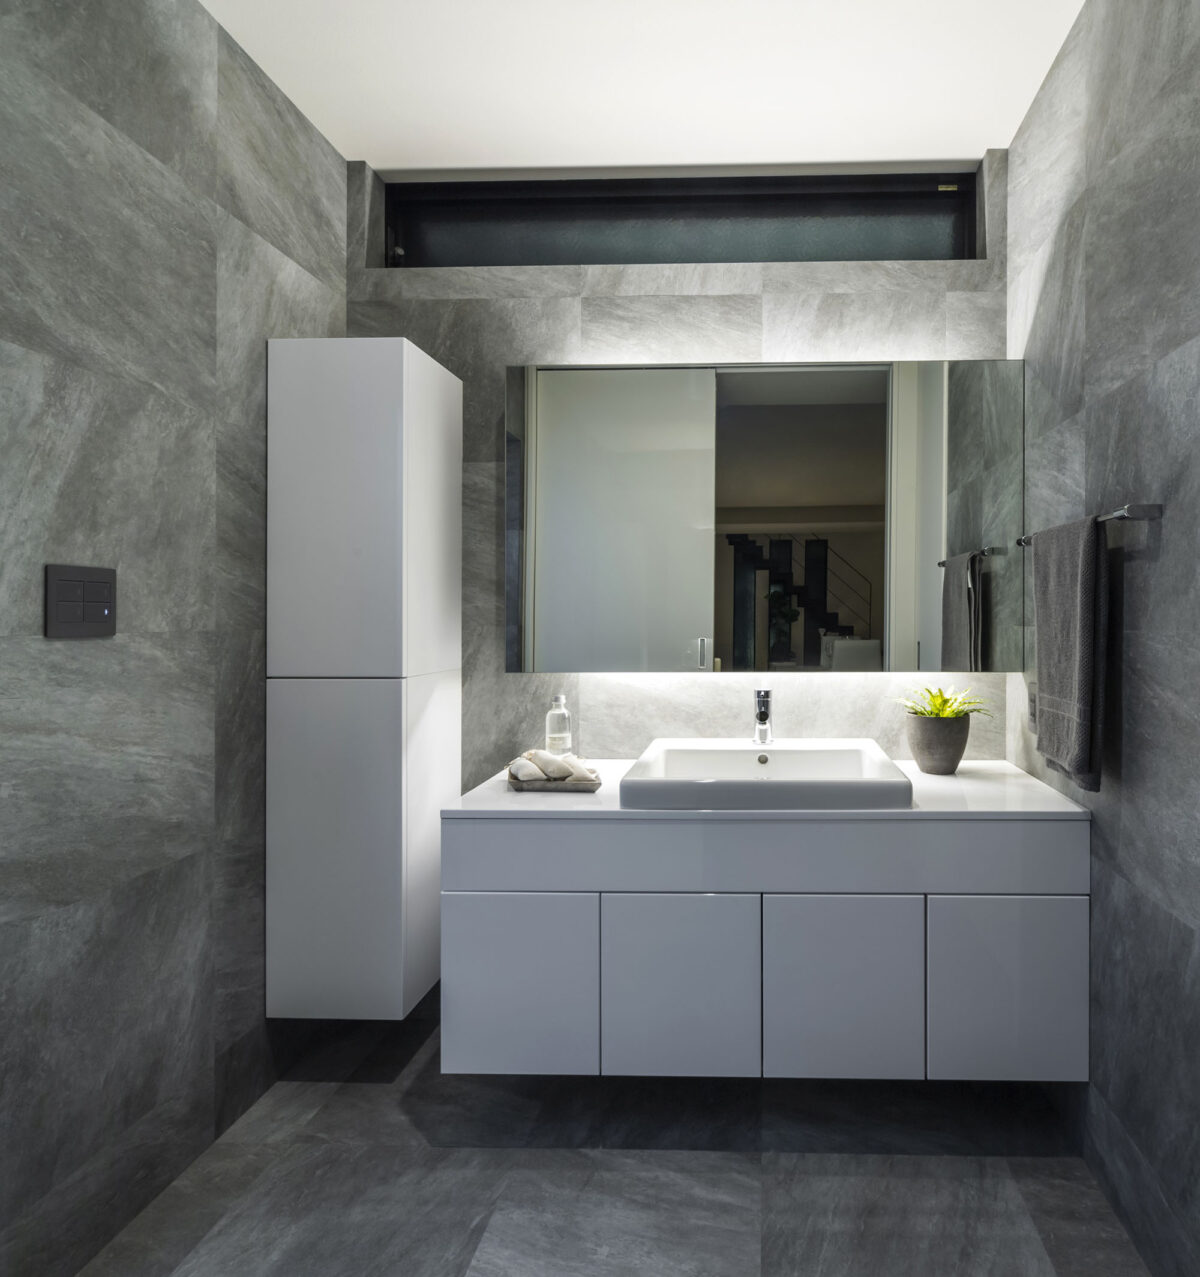 鏡面白塗装仕上げのハイグロス面材で造り込まれた洗面ドレッサーです。一日の始まりと終わりは、上質なホテルのような洗面室で心を落ち着かせるのも一興ですね。